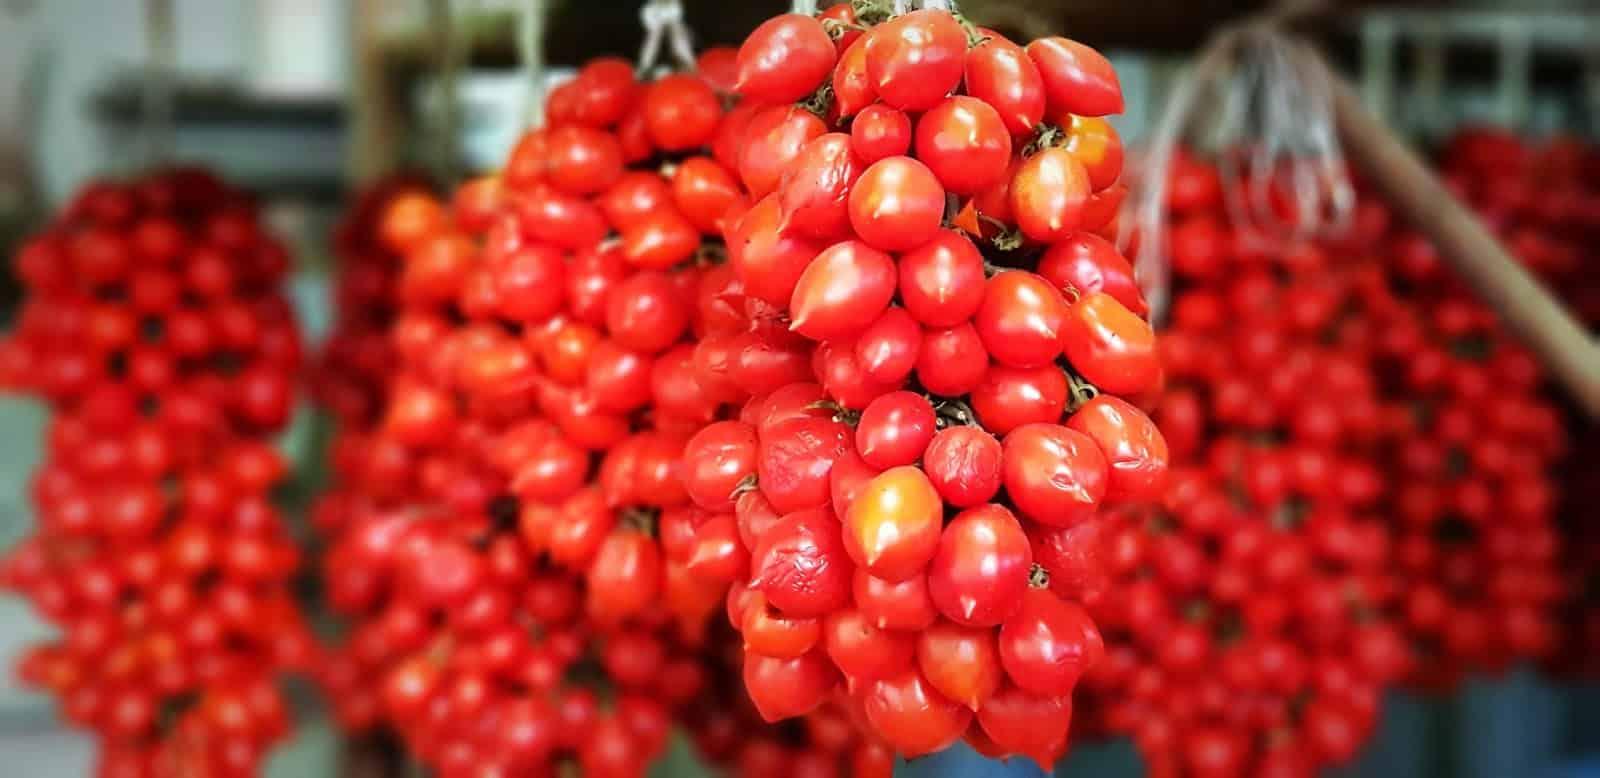 Pomodorini del piennolo come conservarli: ecco dei pratici consigli